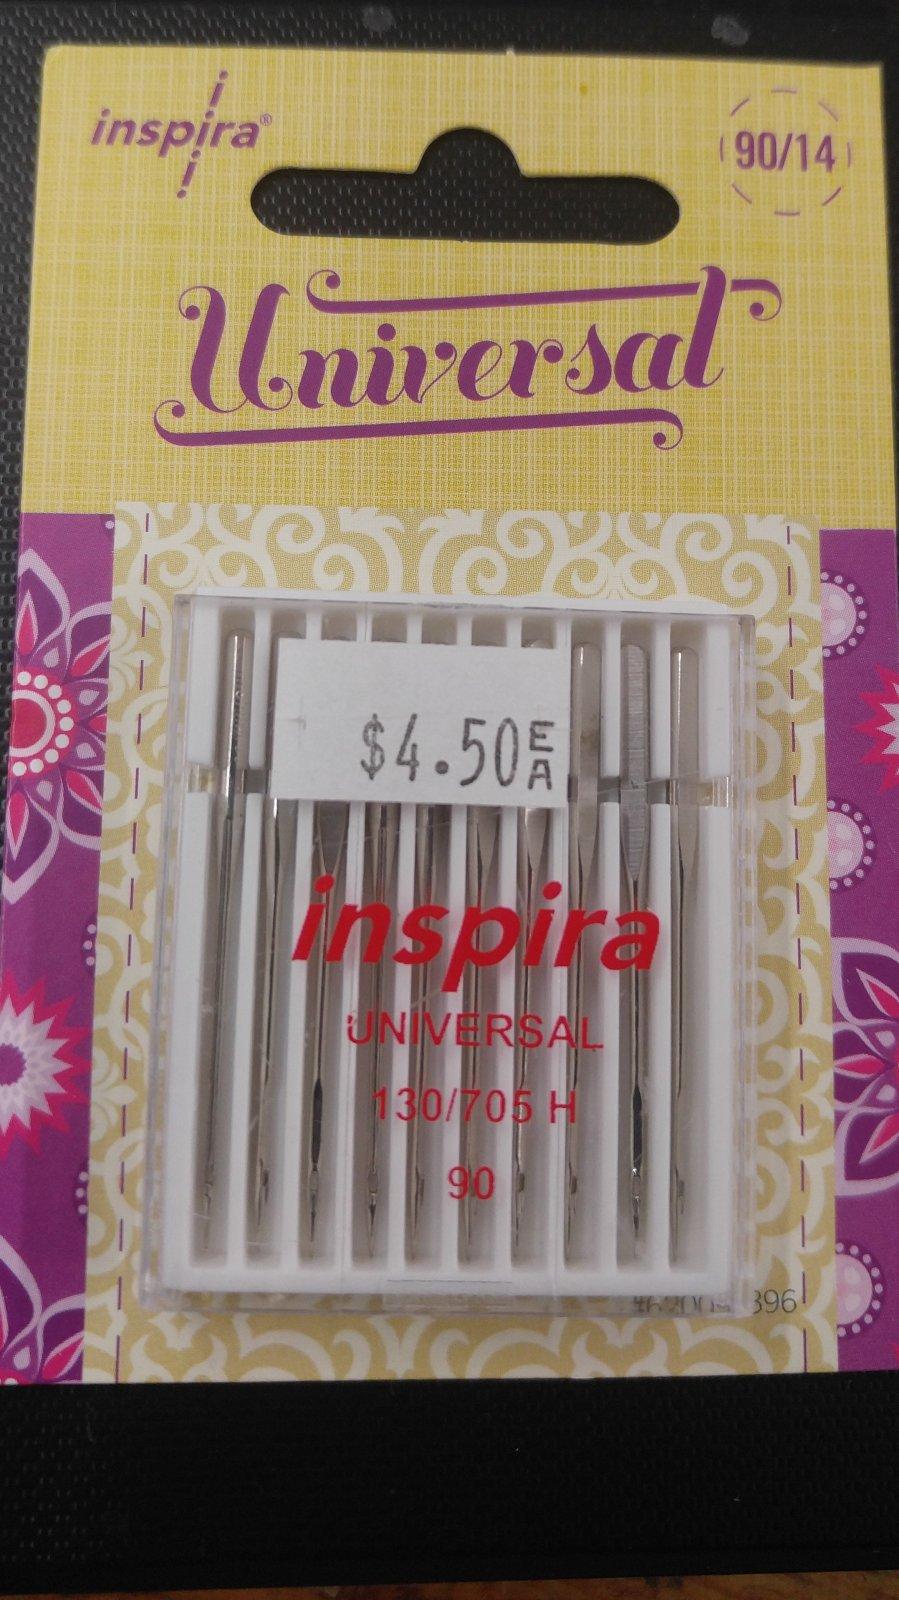 Inspira Universal 90/14 Needles (10 pack)